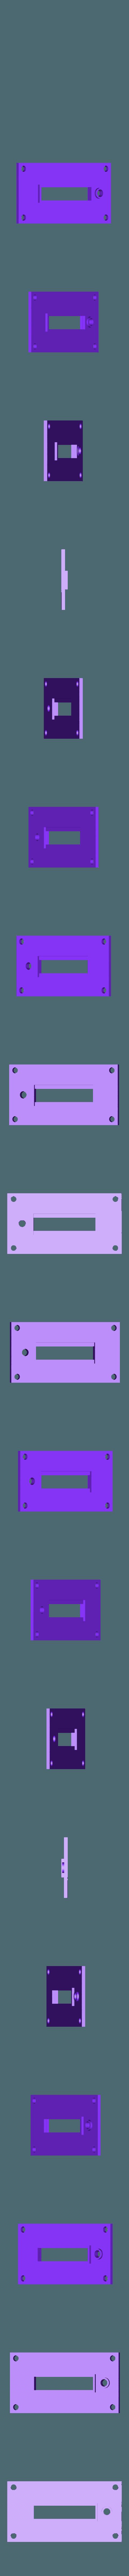 front_bargraph_plate-LIP.stl Télécharger fichier STL gratuit Ghostbuster Ghostbuster Ghosttrap • Modèle pour impression 3D, SLIDES